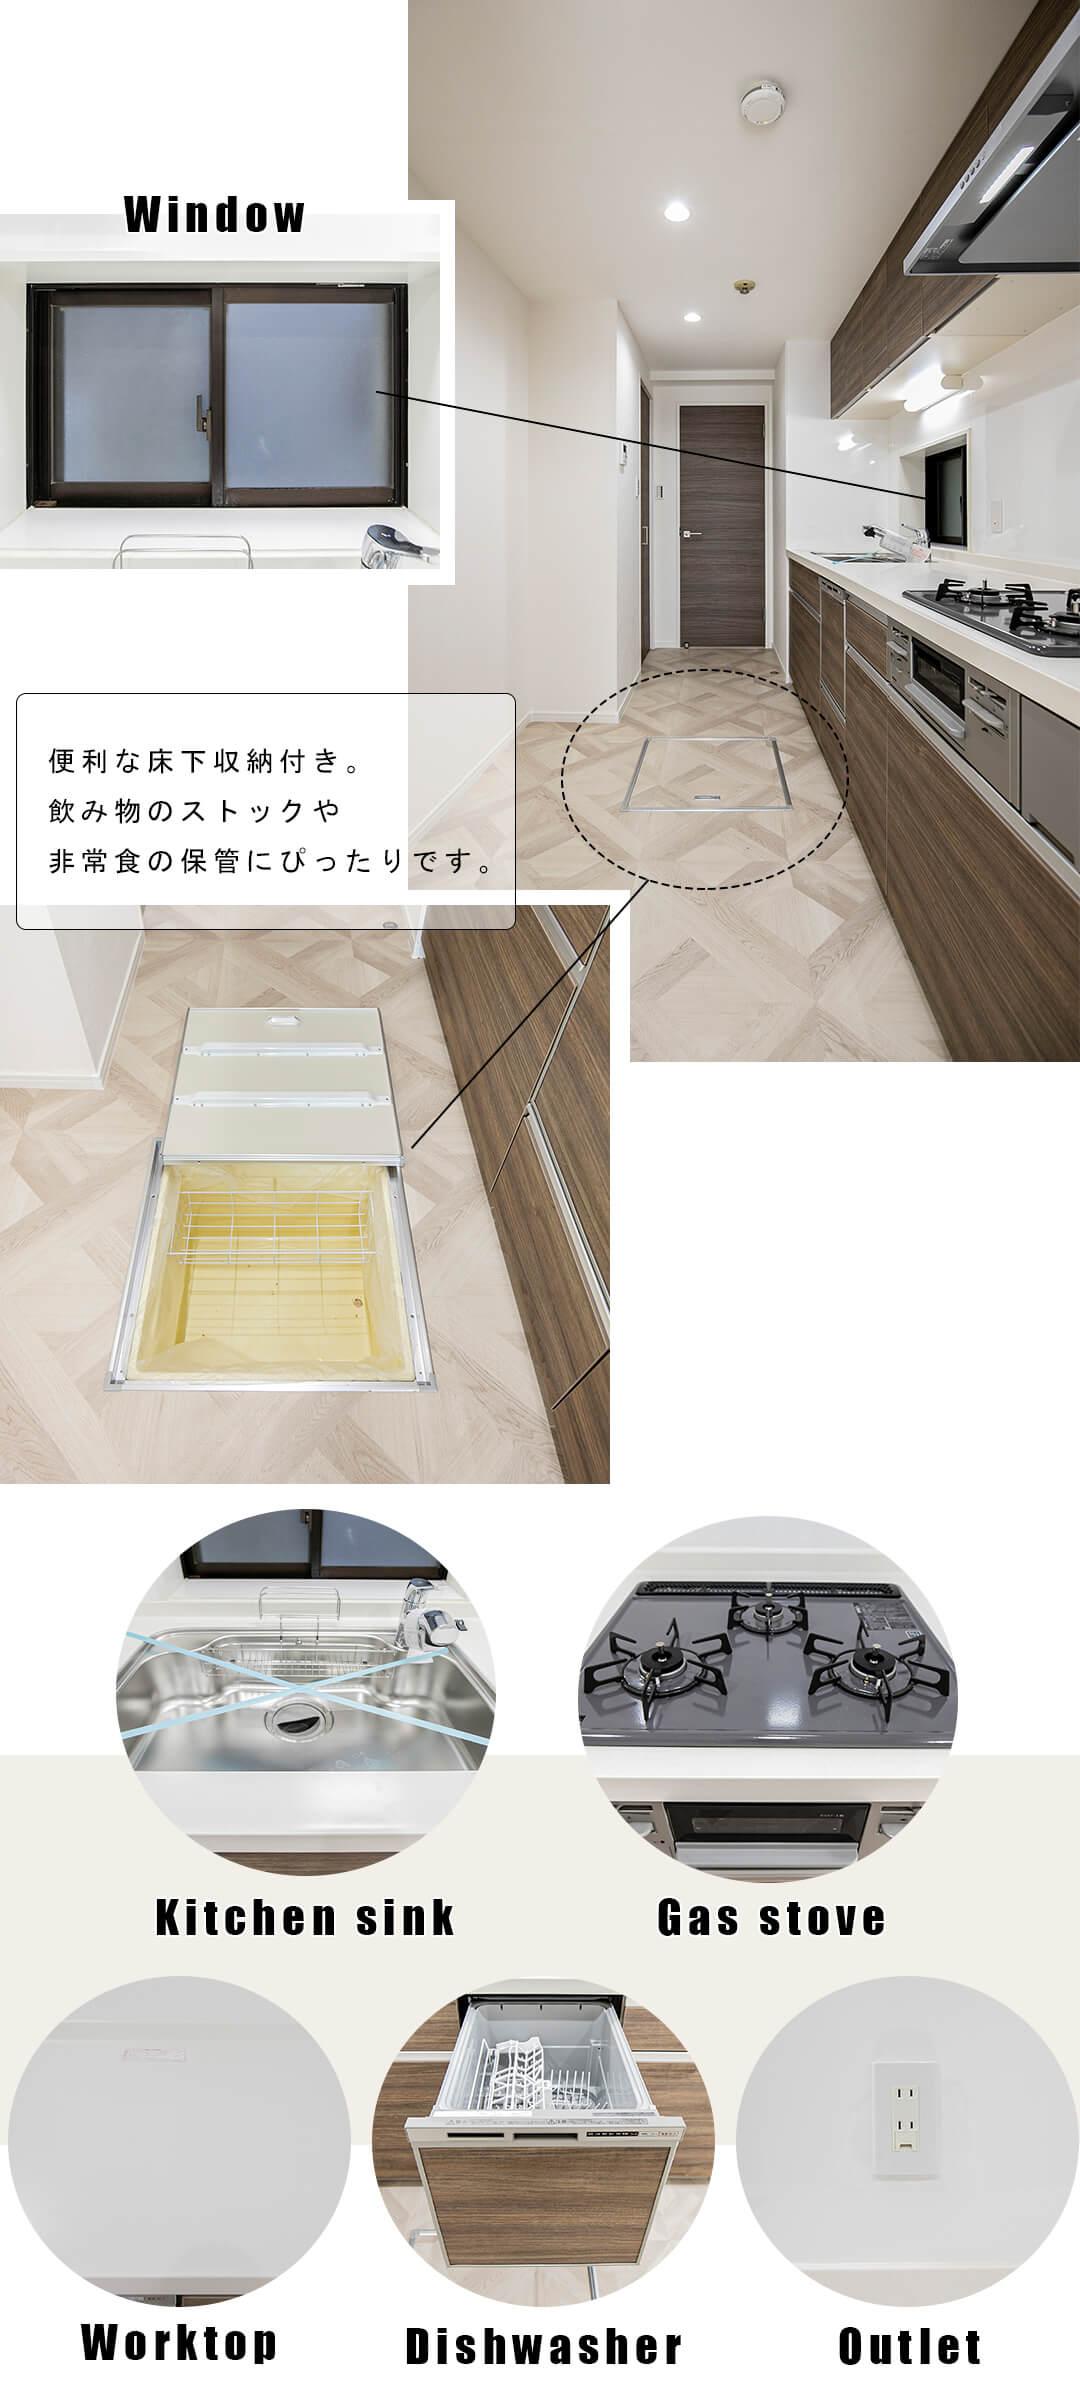 パシフィックパレス荻窪のキッチン